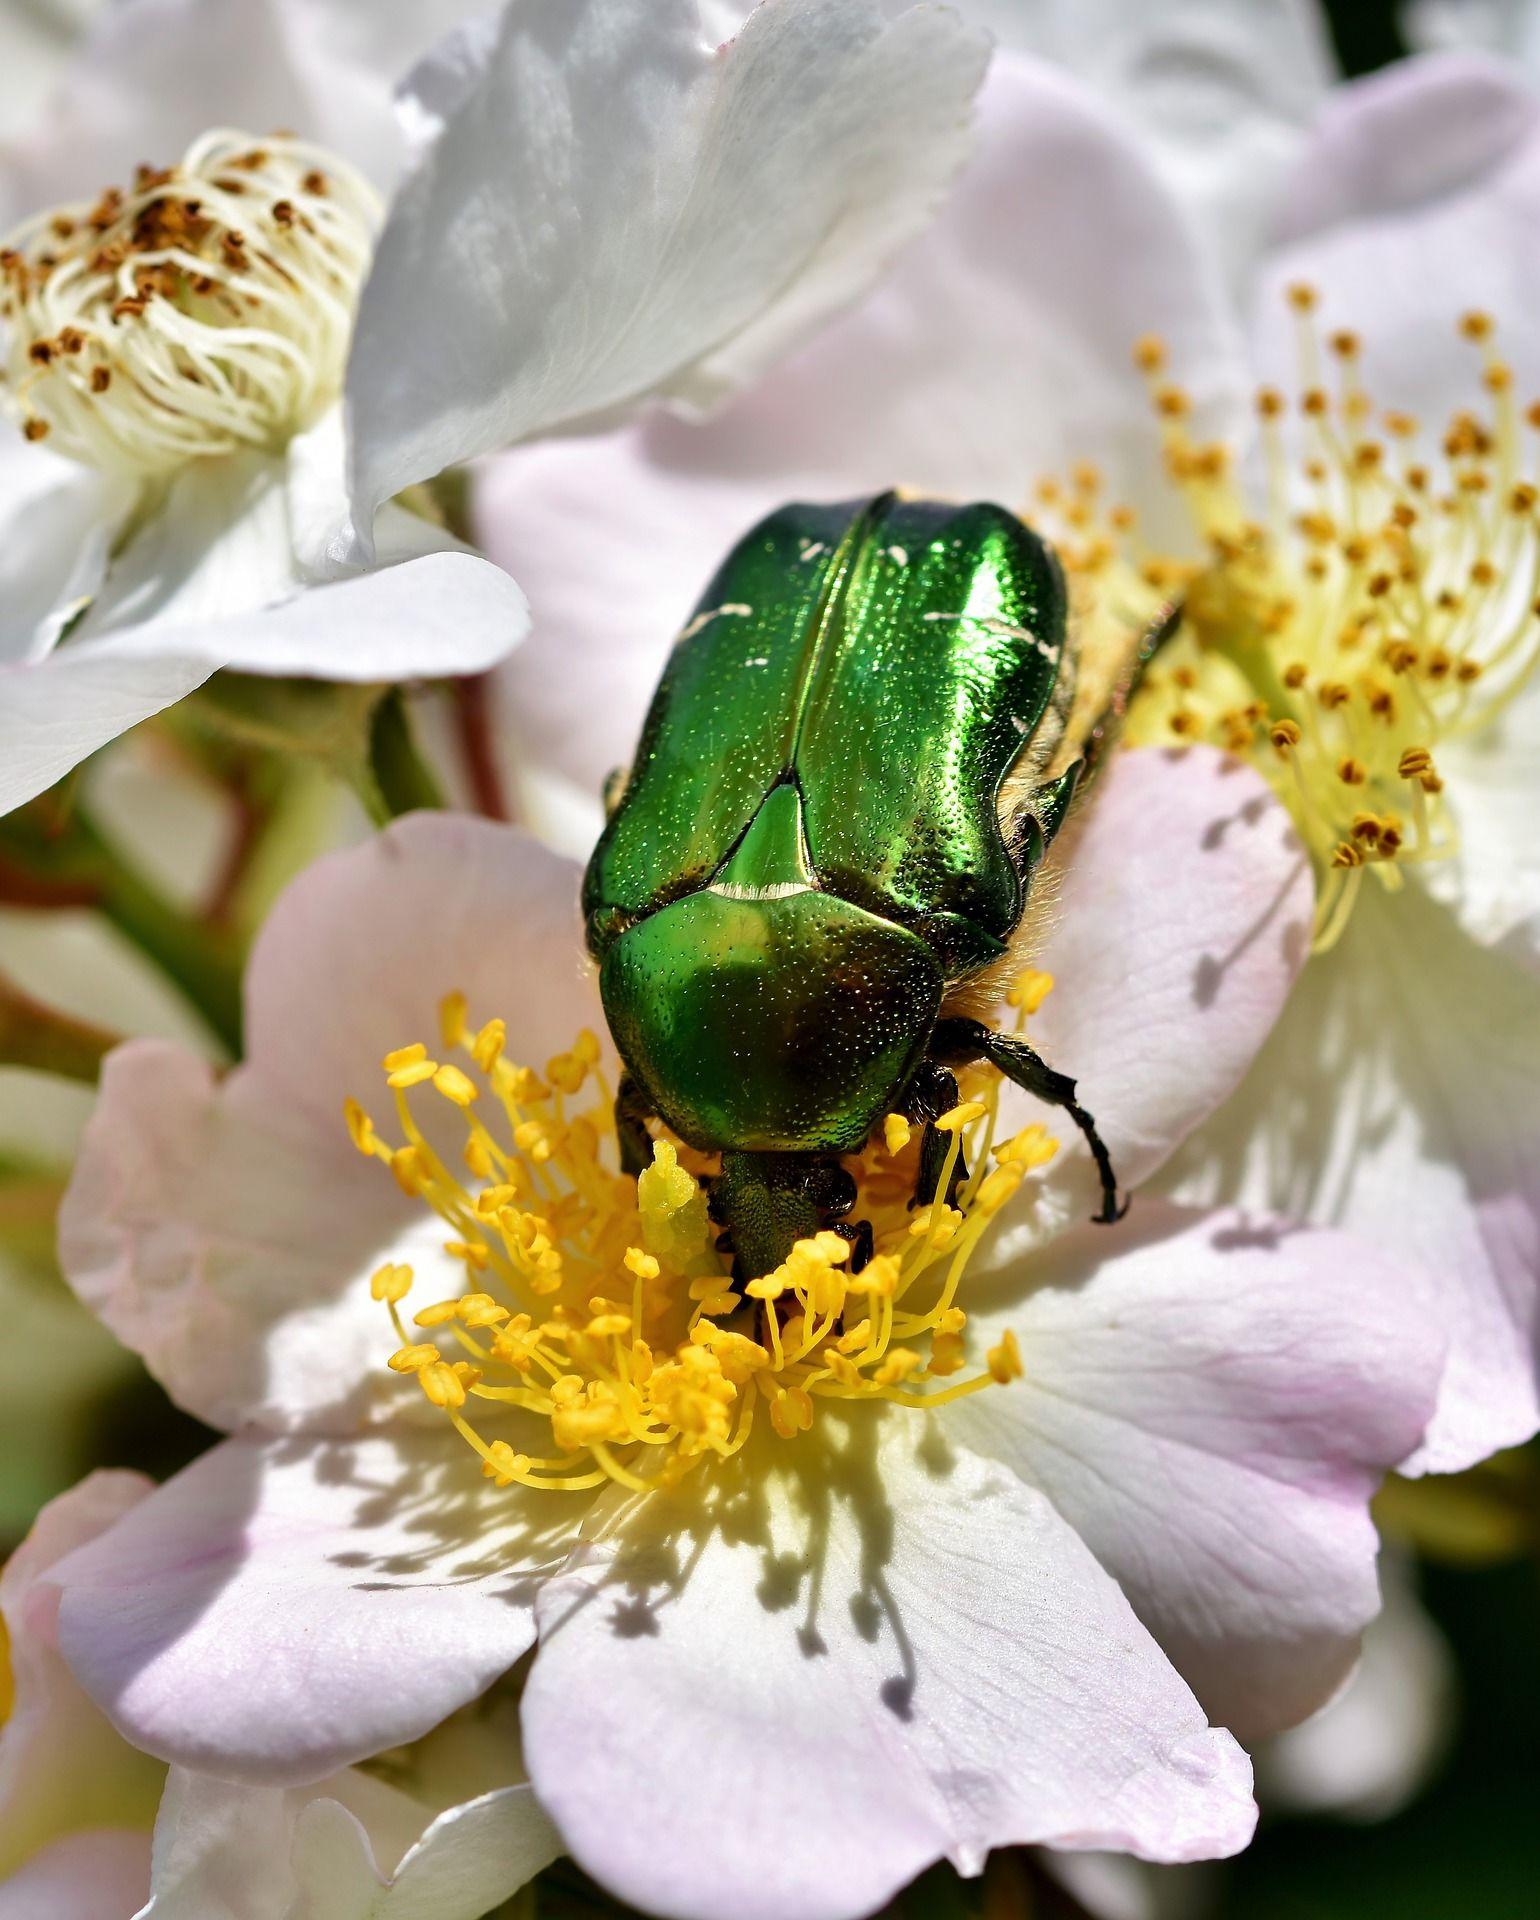 Смотреть красивую картинку жука на природе